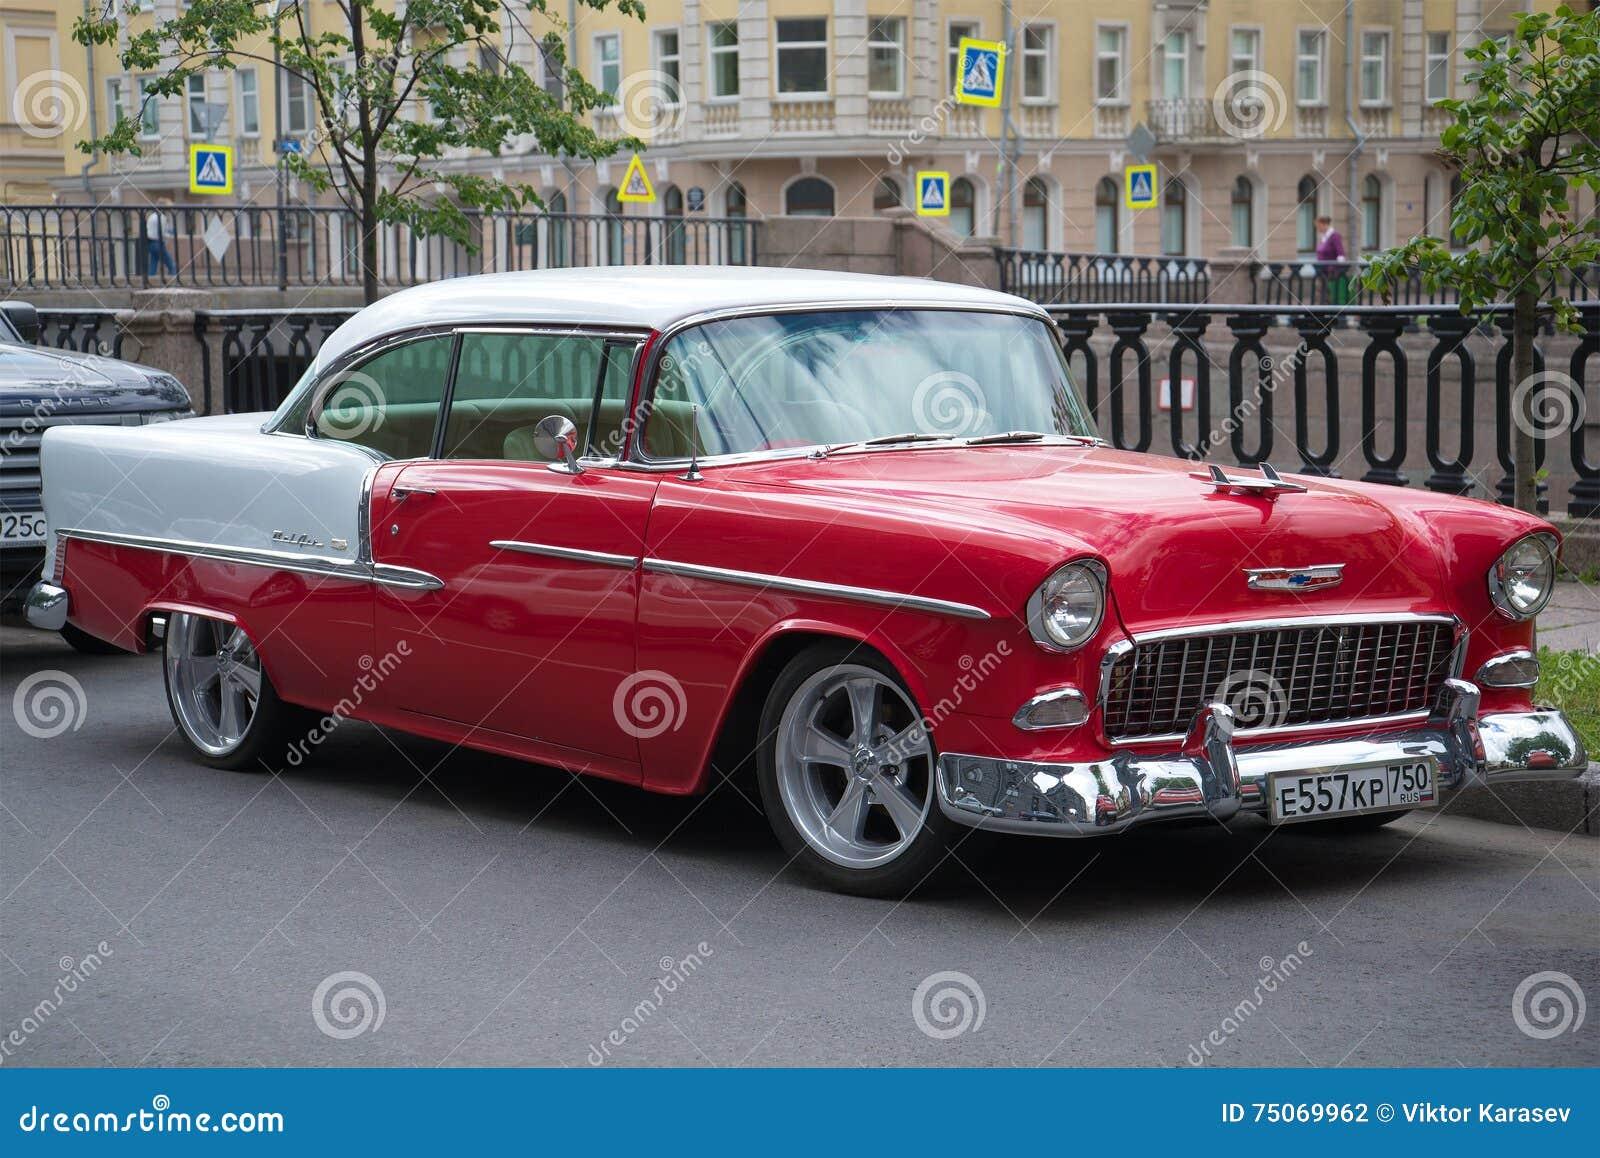 Kekurangan Chevrolet Bel Air 1955 Harga